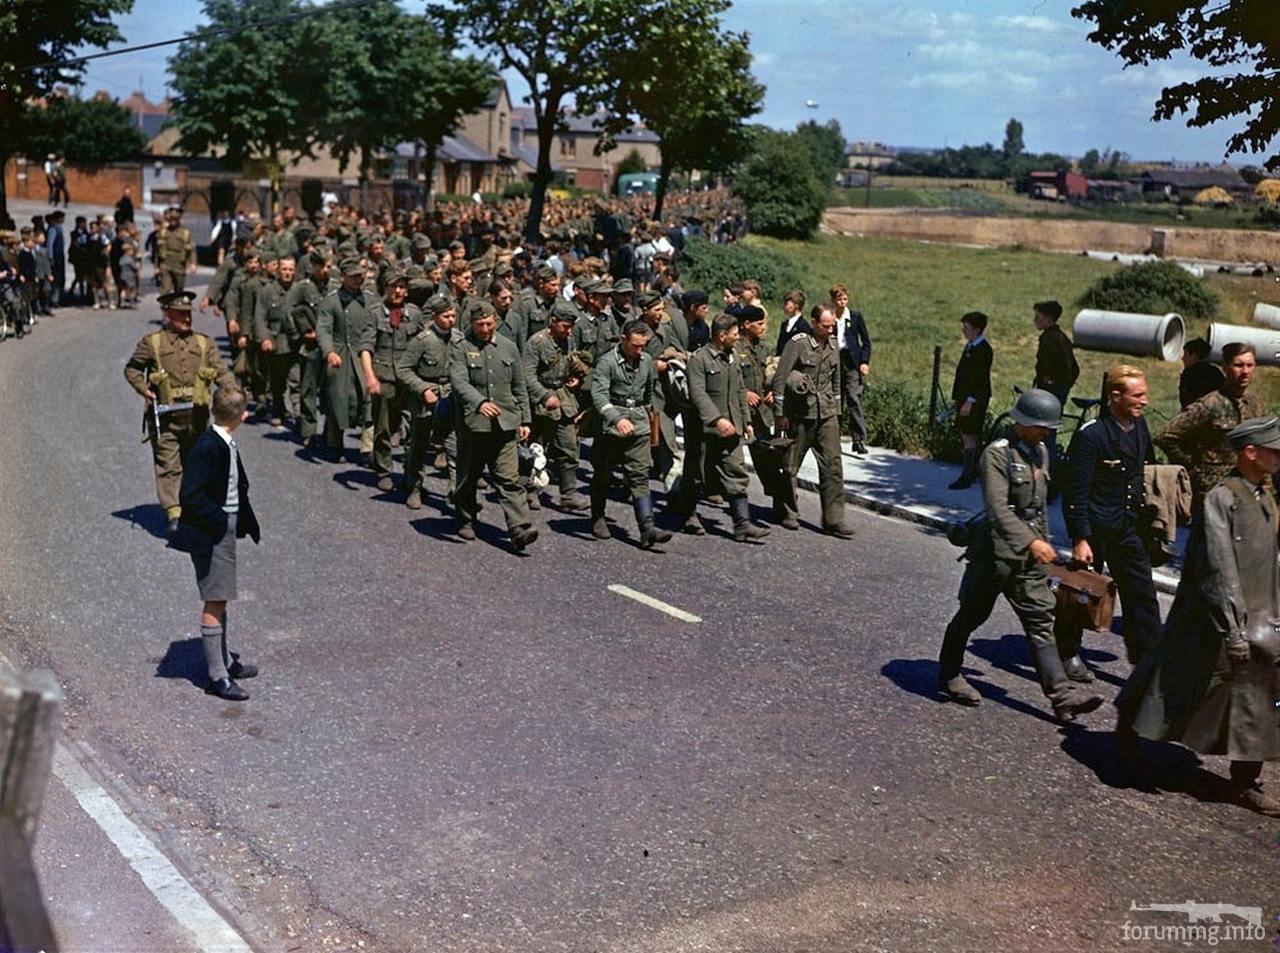 114086 - Военное фото 1939-1945 г.г. Западный фронт и Африка.